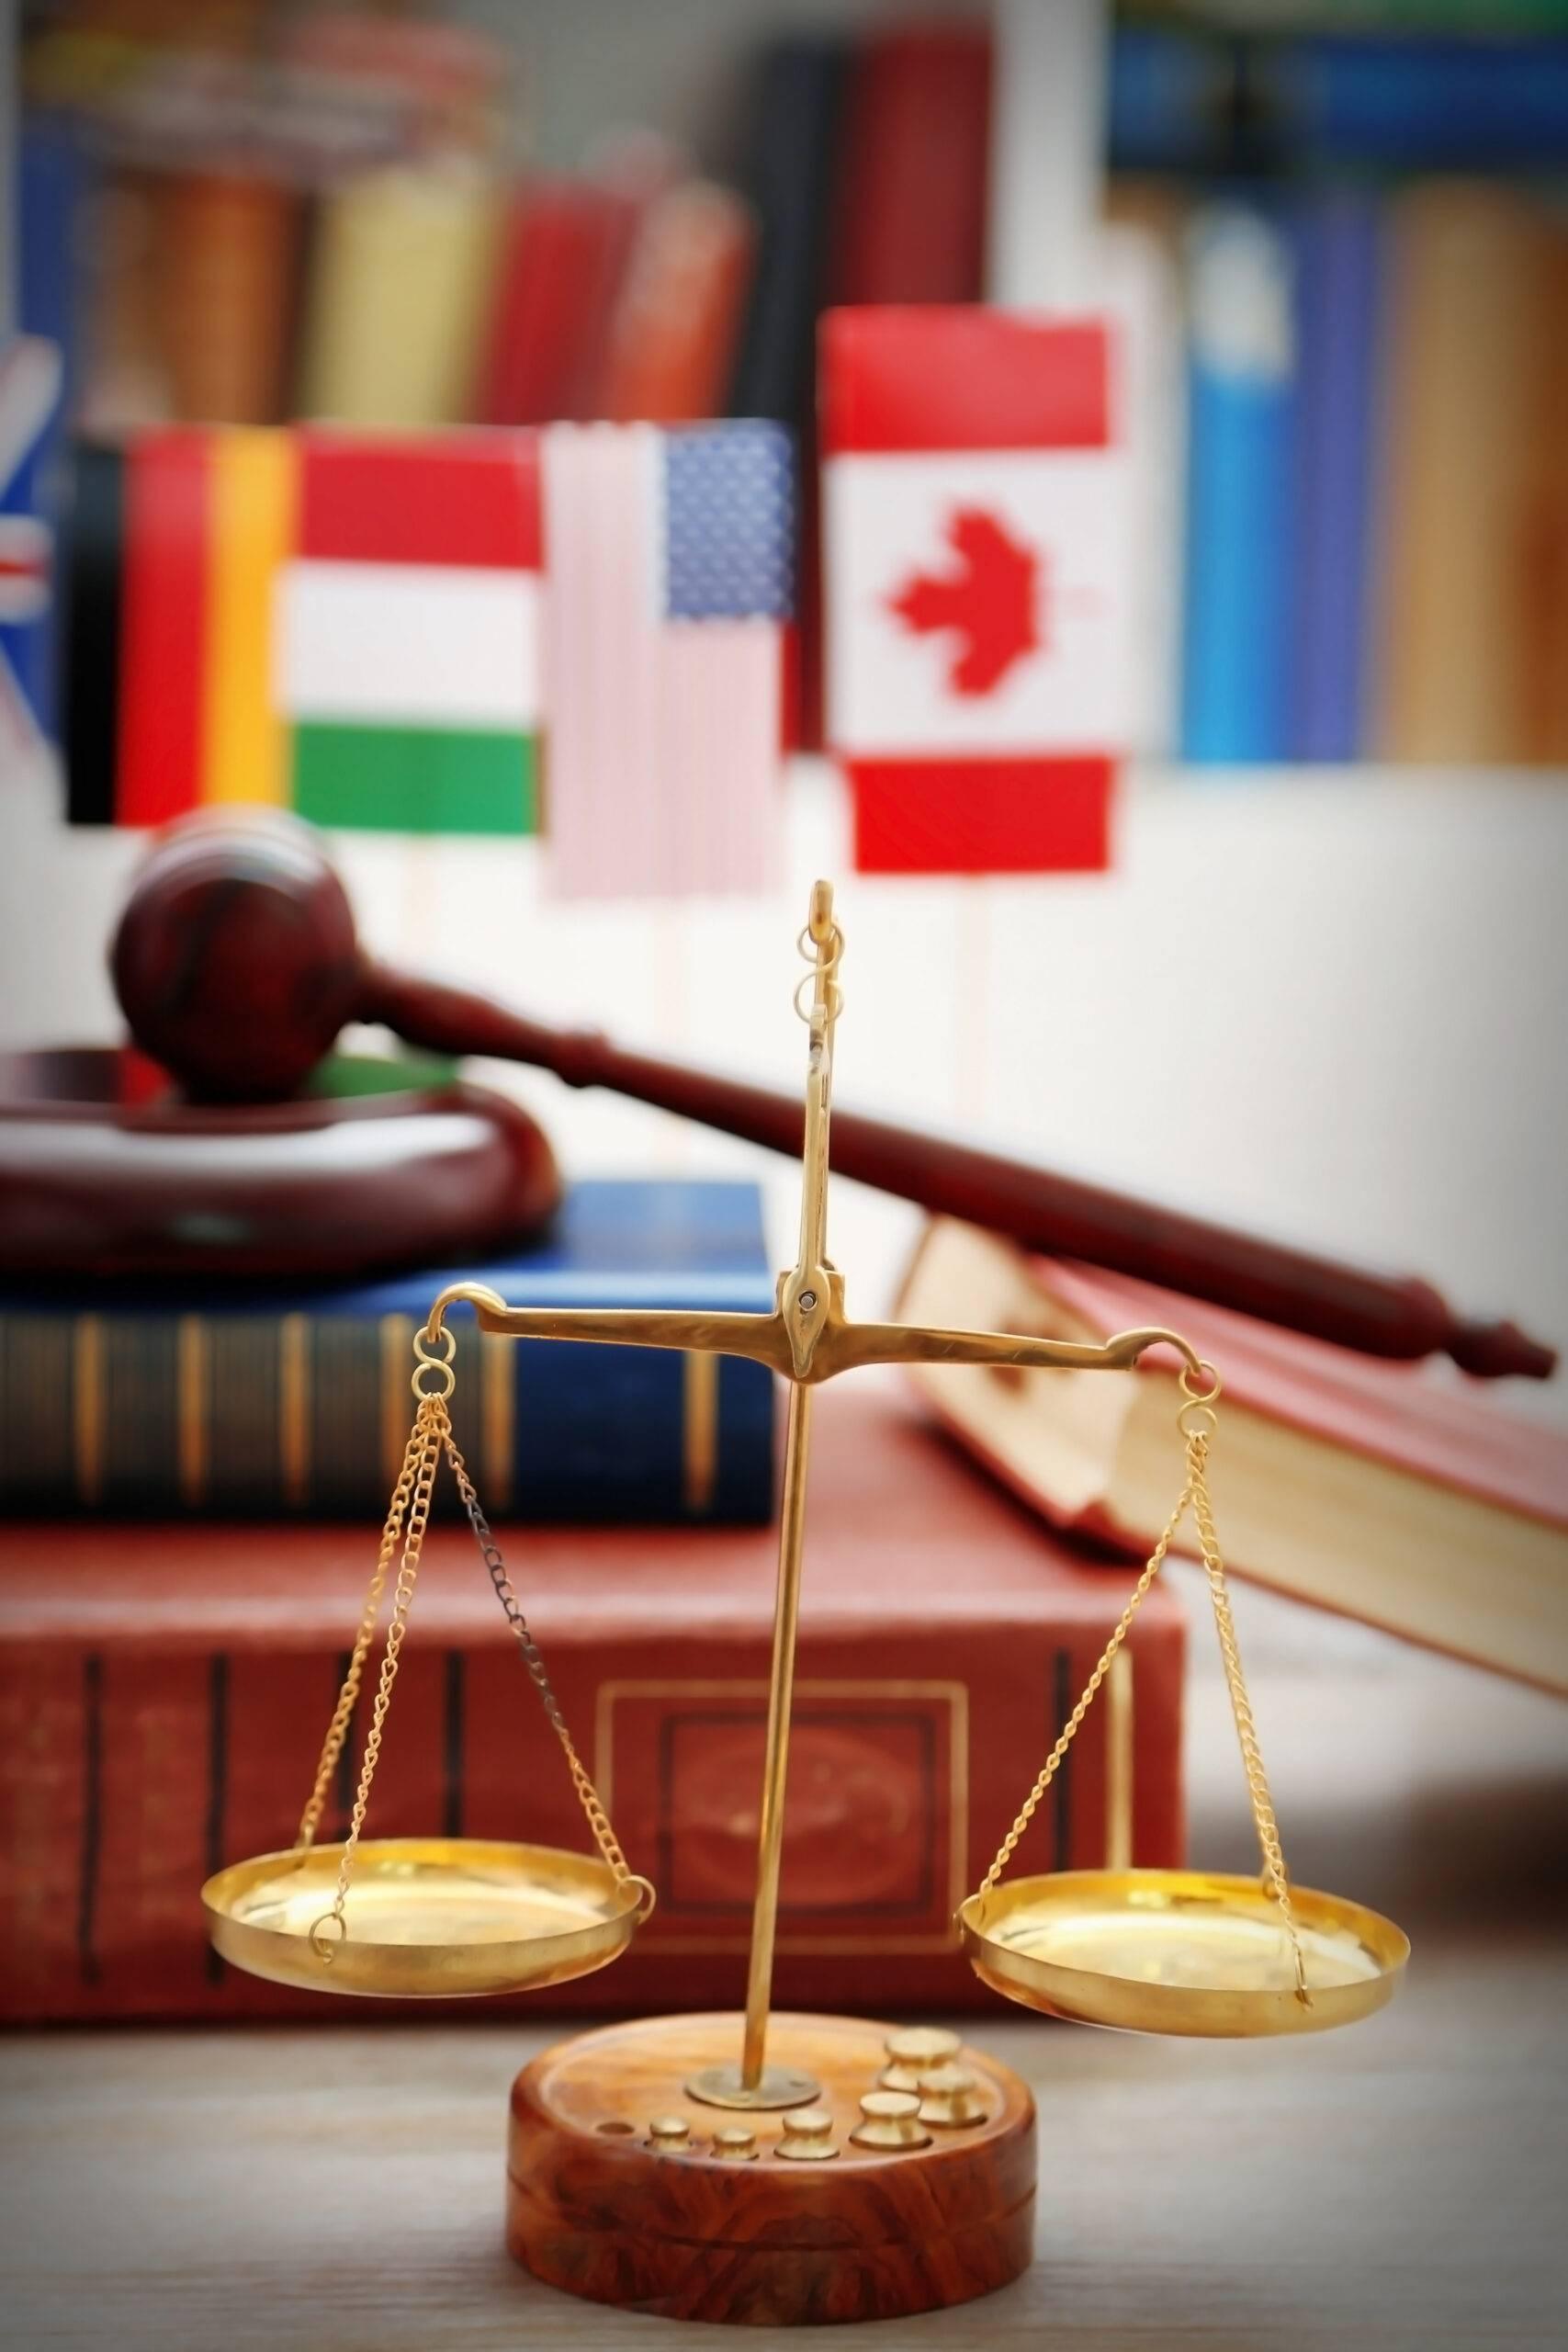 Assistenza giudiziale internazionale